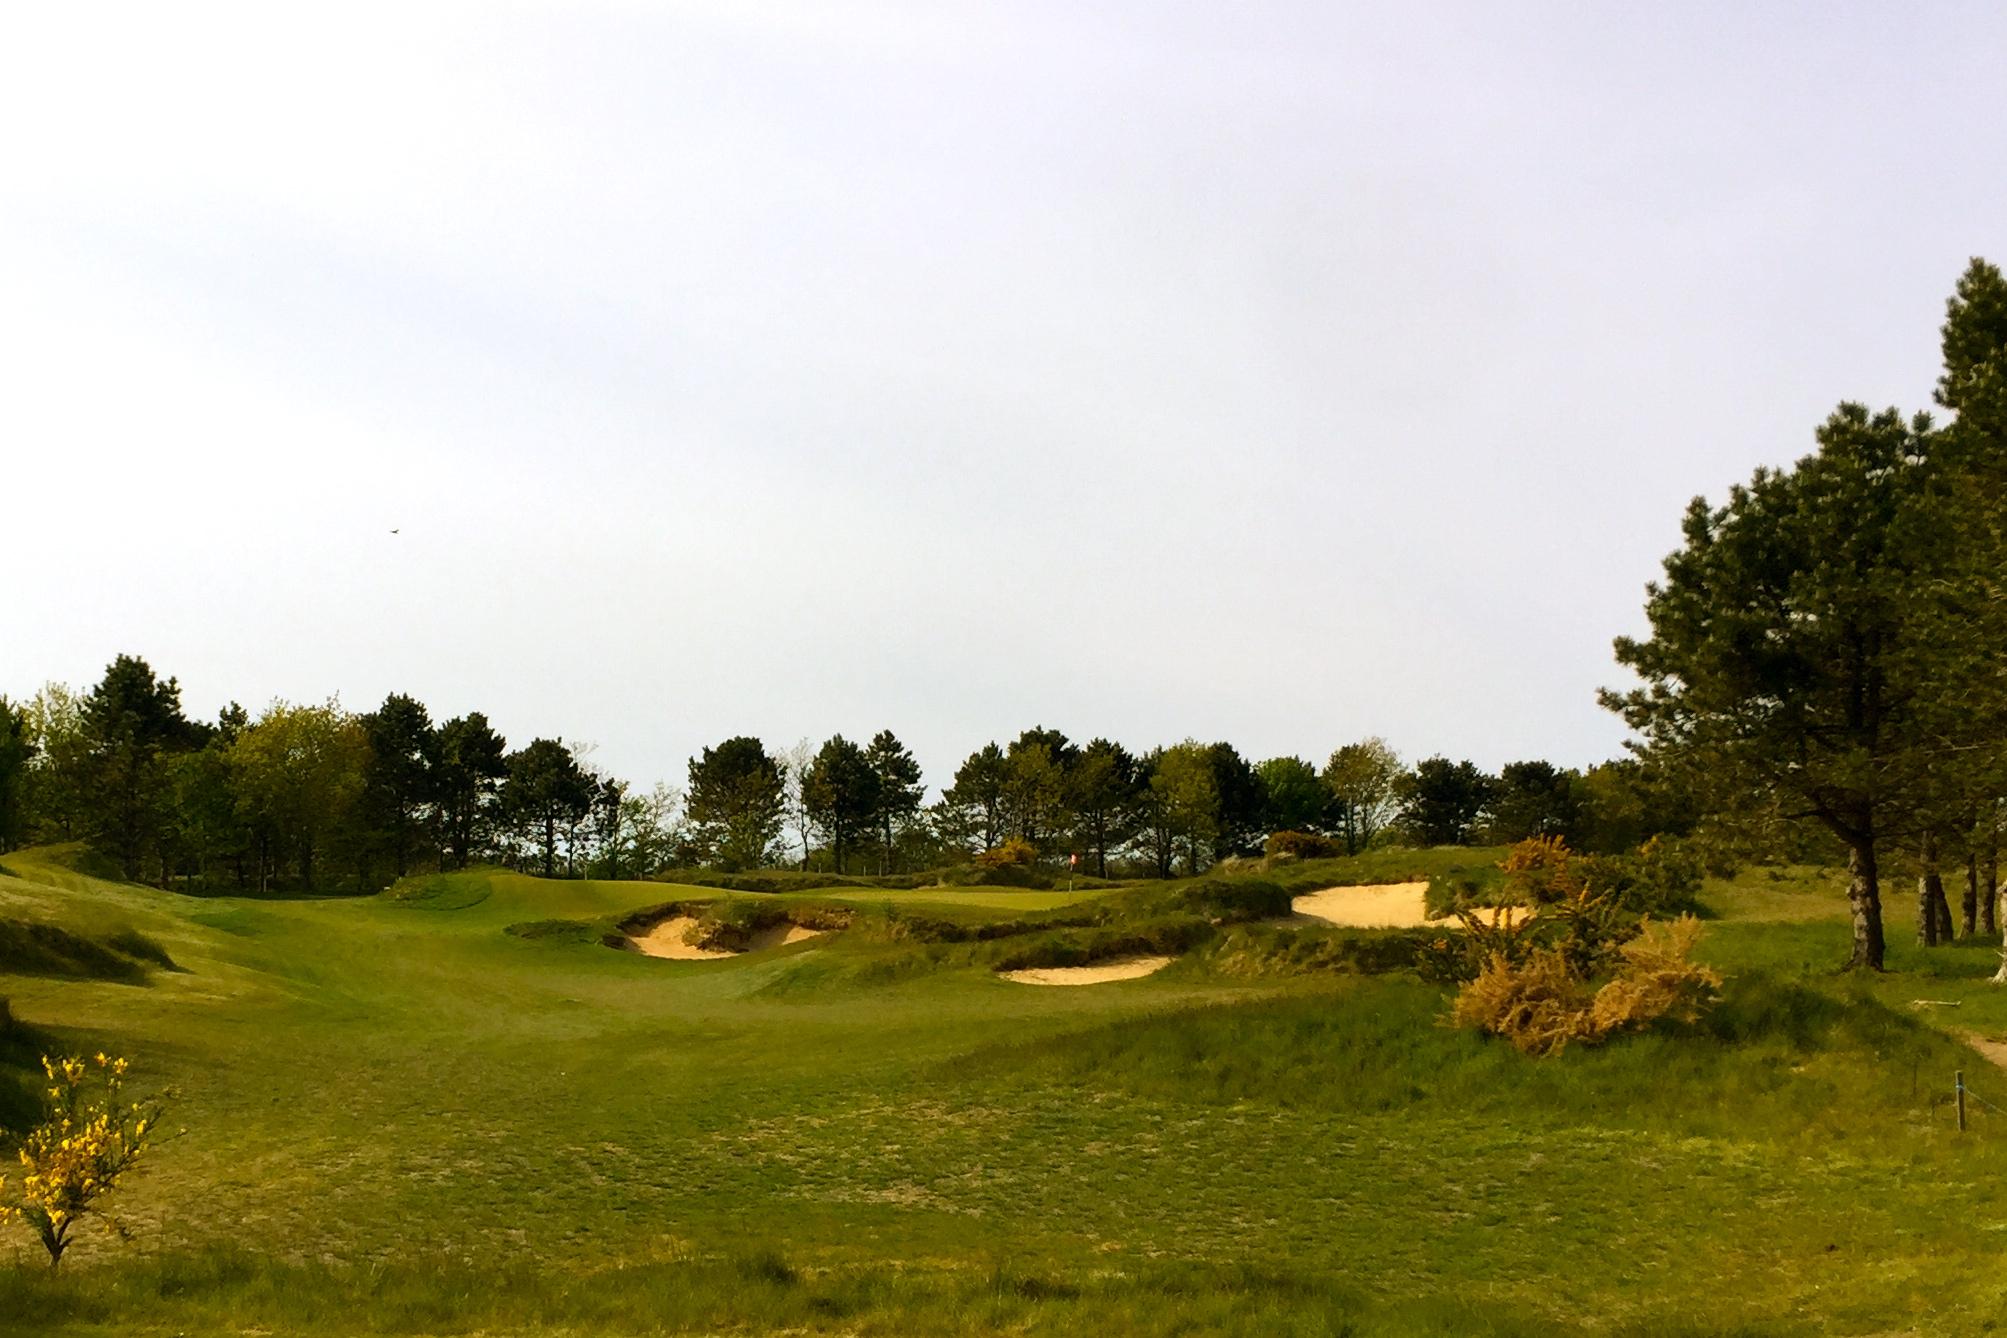 Aus der Golfgeschichte geformt: Die neuen Bahnen des Golf Club Föhr. Foto: Michael F. Basche